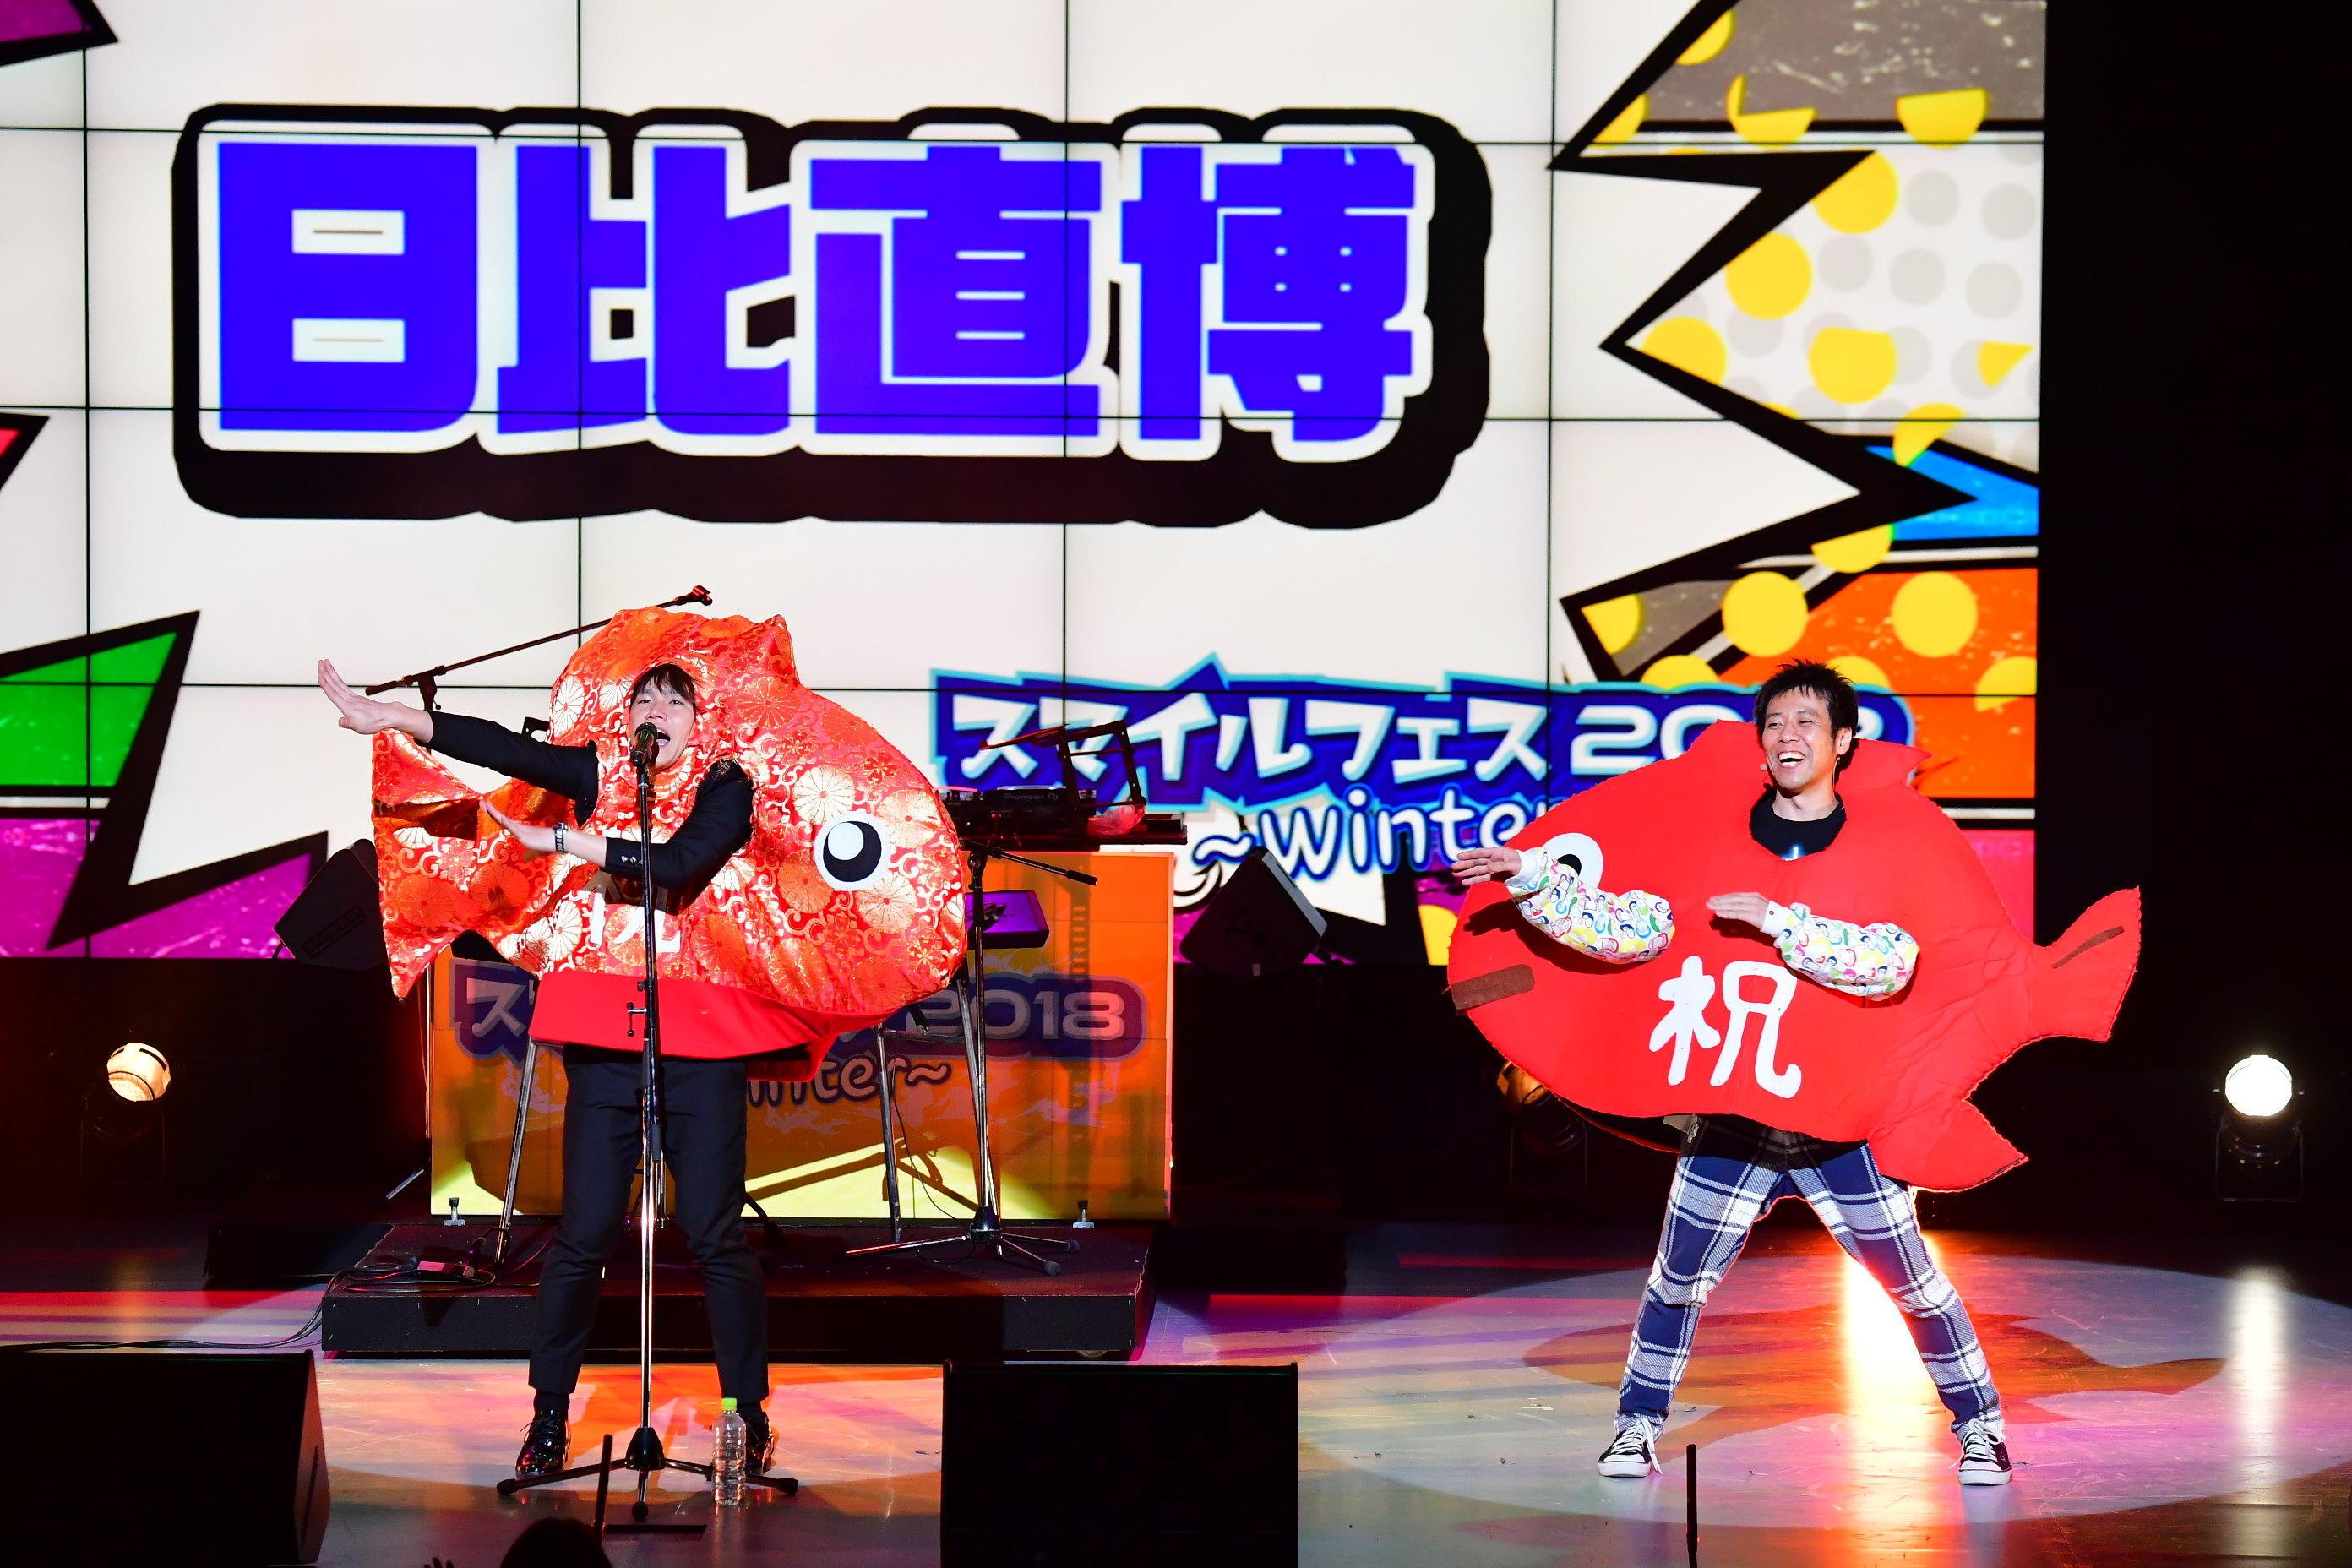 http://news.yoshimoto.co.jp/20180119012152-51a45358193b92e28d00d07f819e1bdc1fd9efea.jpg